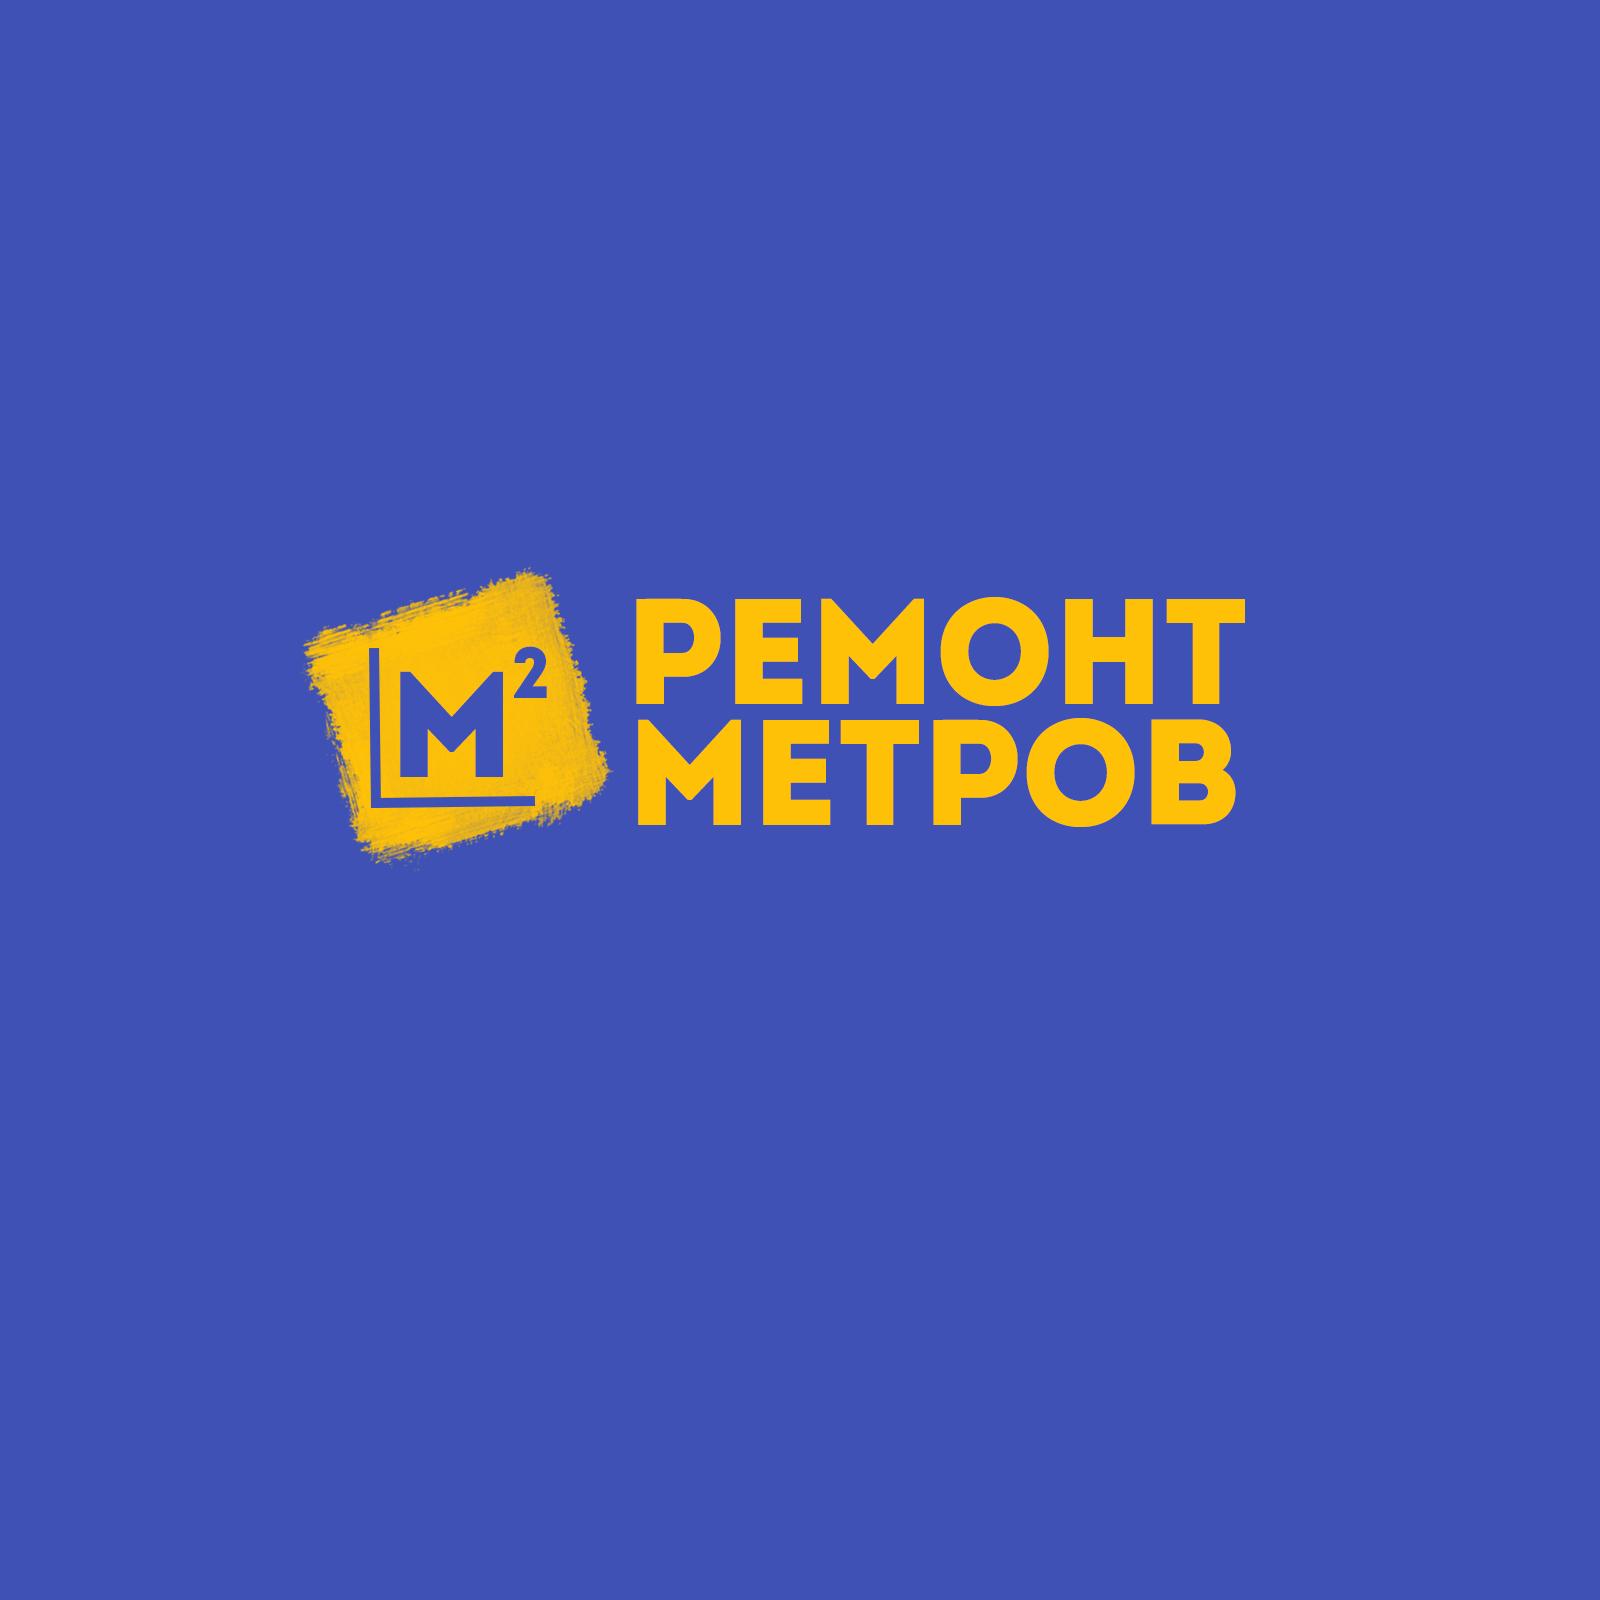 ремонт метров